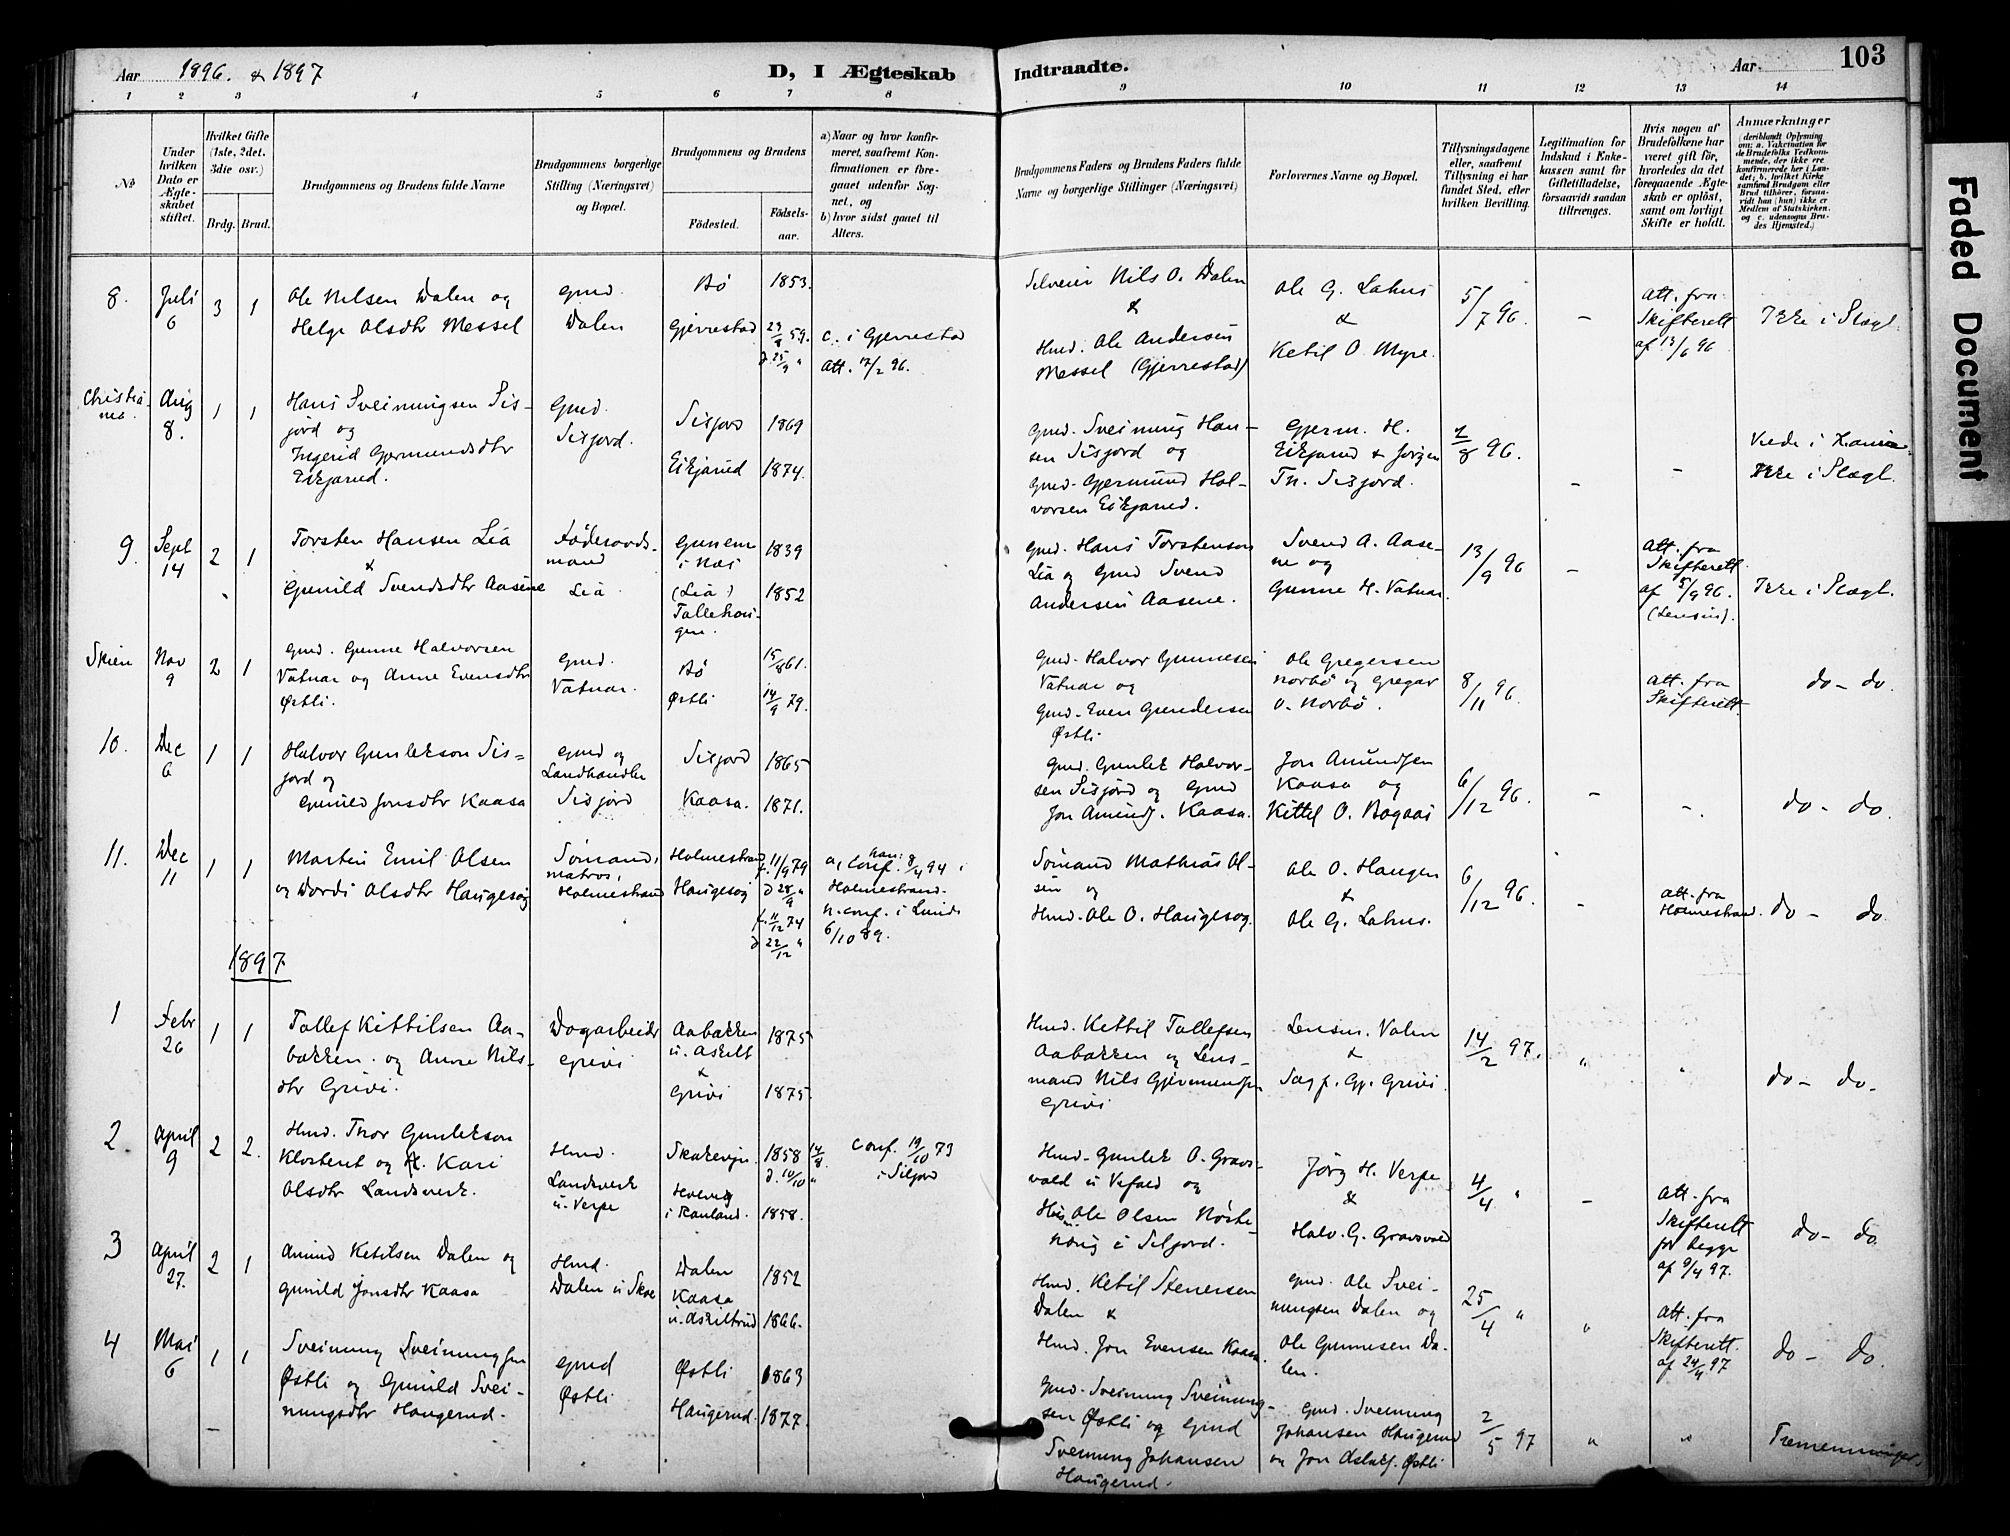 SAKO, Bø kirkebøker, F/Fa/L0011: Ministerialbok nr. 11, 1892-1900, s. 103